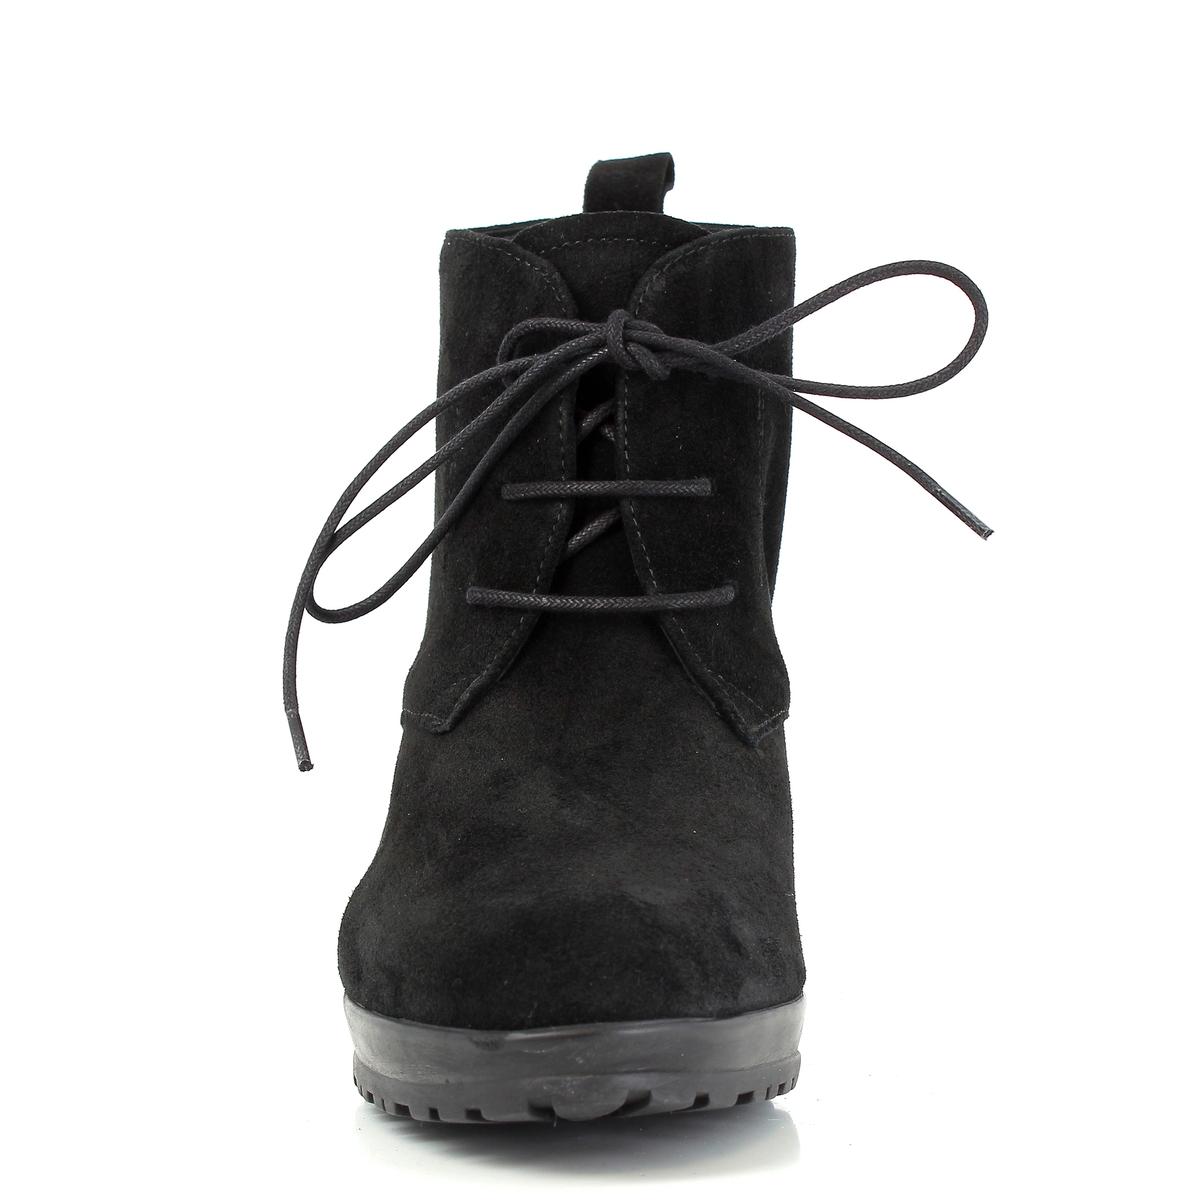 цены на Ботильоны кожаные на шнуровке, SIGUR в интернет-магазинах